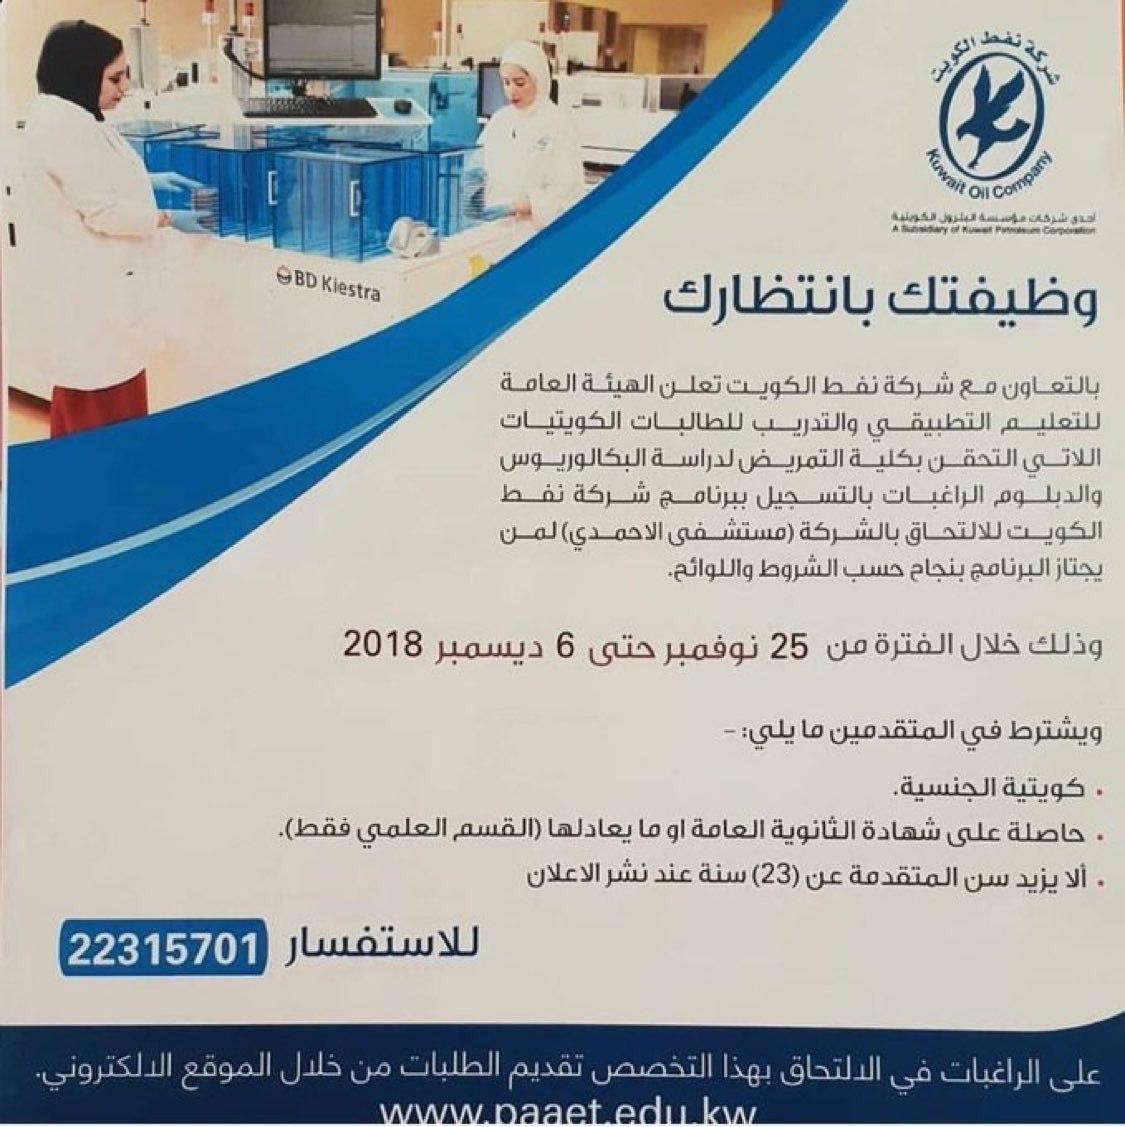 توظيف فوري للكويتيين